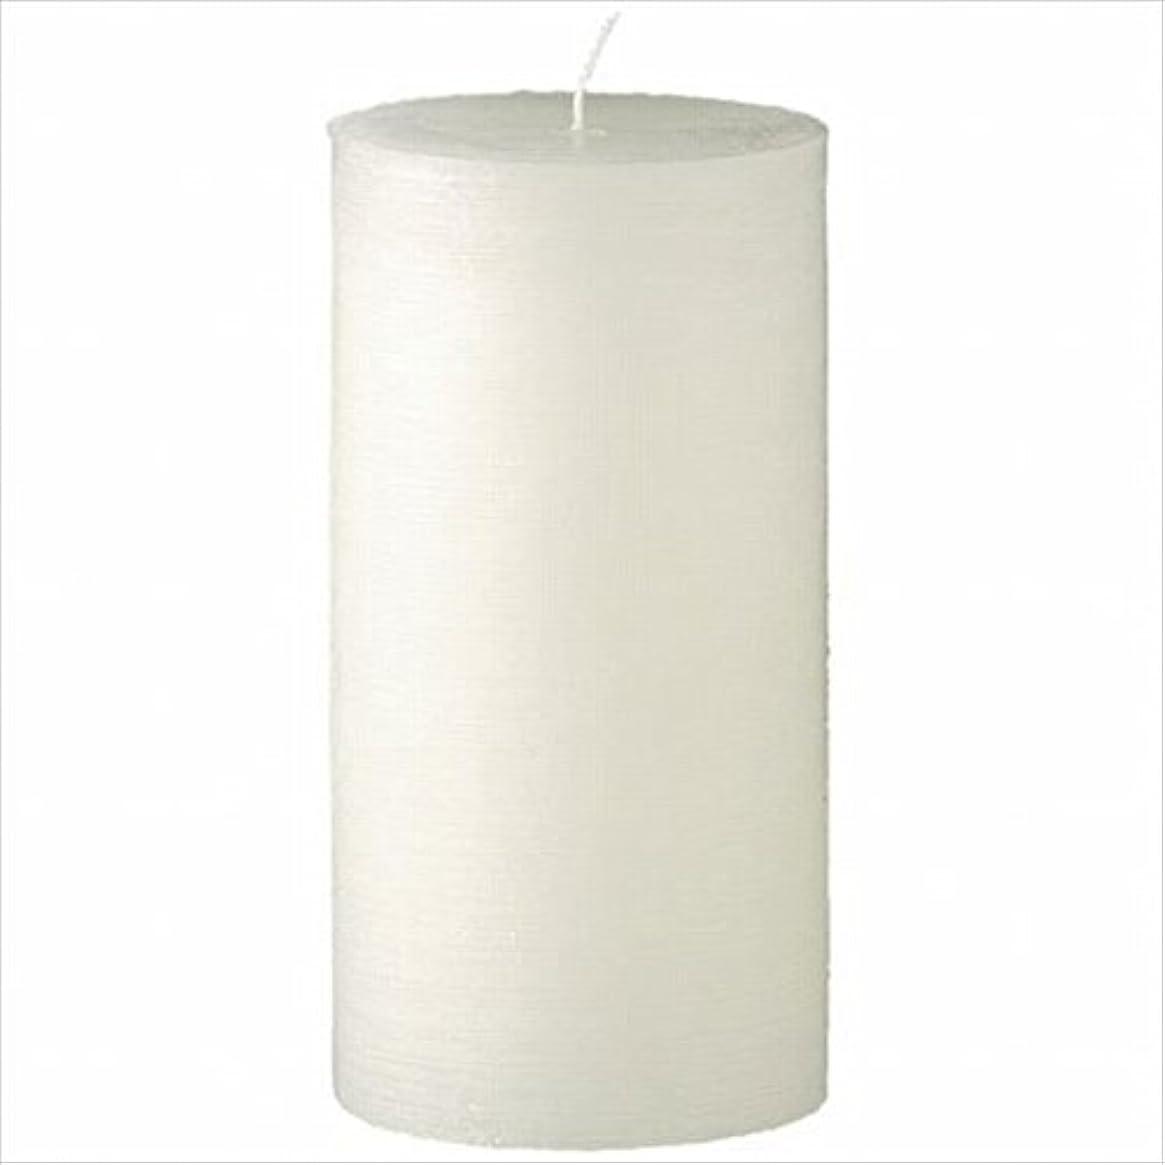 それ分離名門ヤンキーキャンドル( YANKEE CANDLE ) ラスティクピラー3×6 「 シルキーホワイト 」 キャンドル